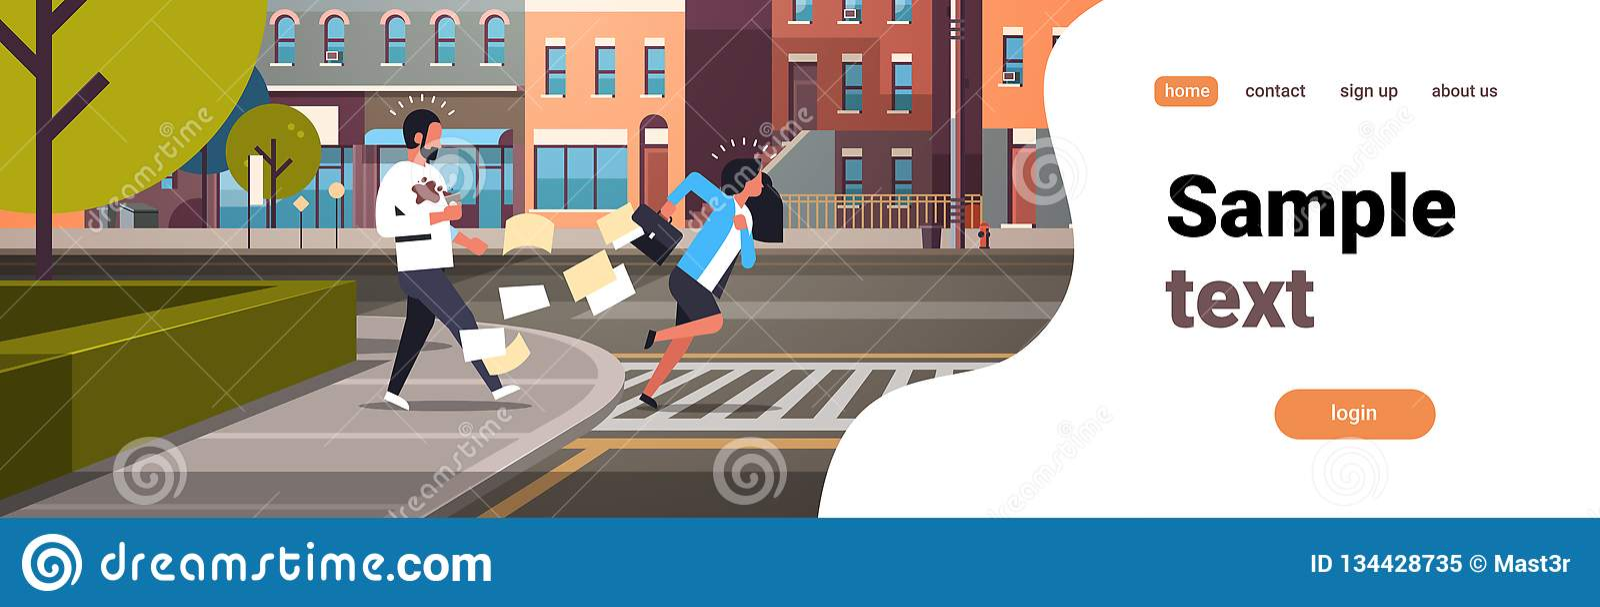 Paso de peatones de funcionamiento cansado de la mujer de negocios que empuja al hombre con el plano horizontal del fondo de las